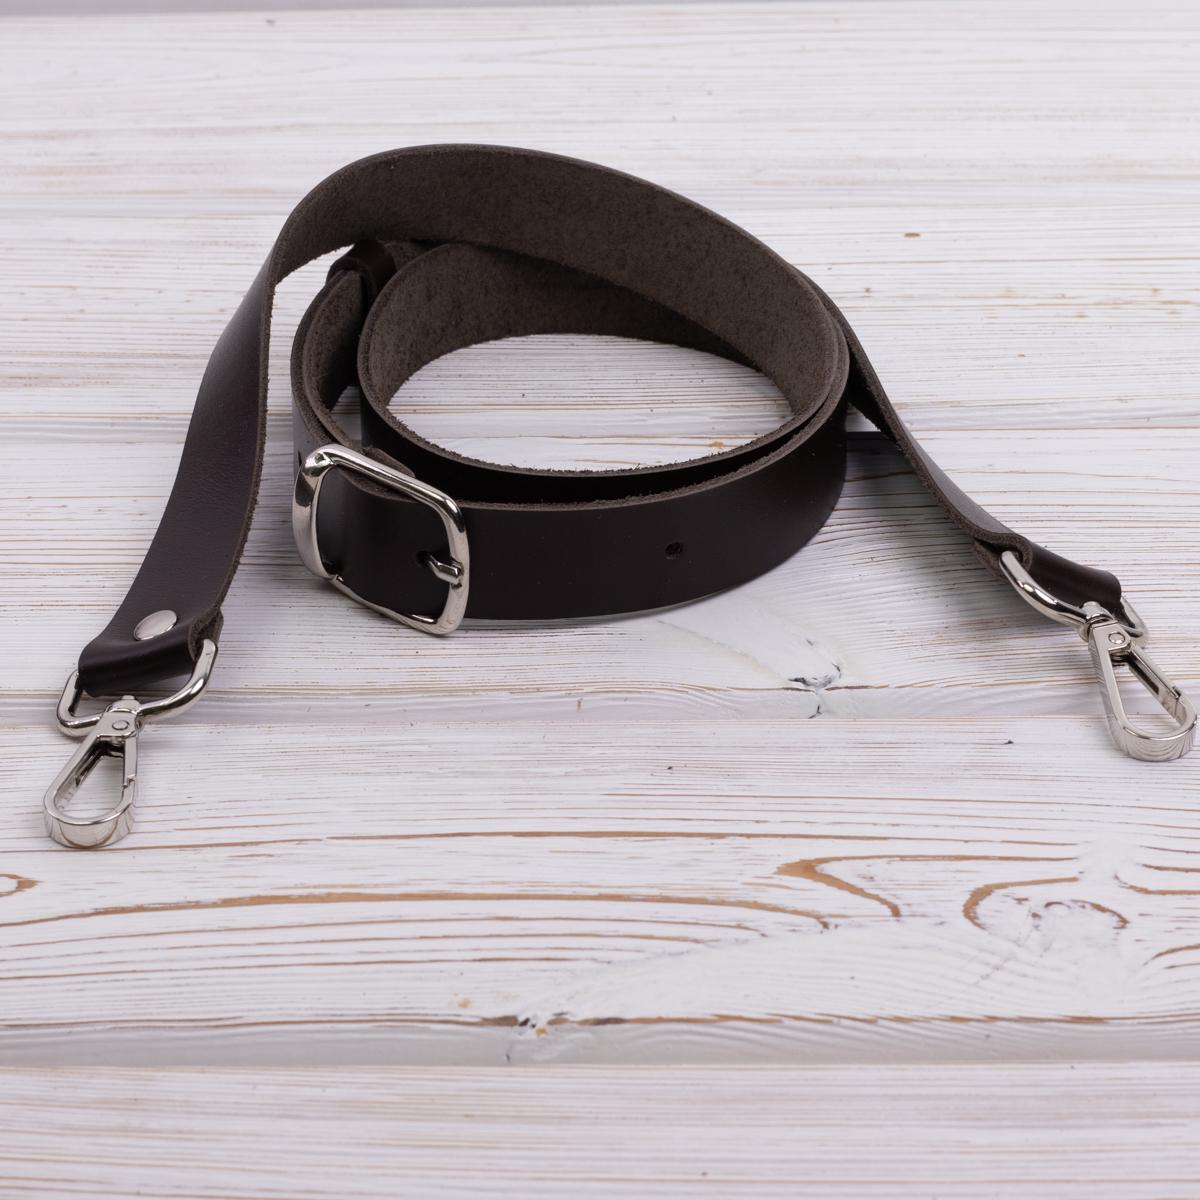 """Ручки для сумок через плечо Ручка кожаная через плечо """"Темно-коричневая"""" IMG_6969.jpg"""